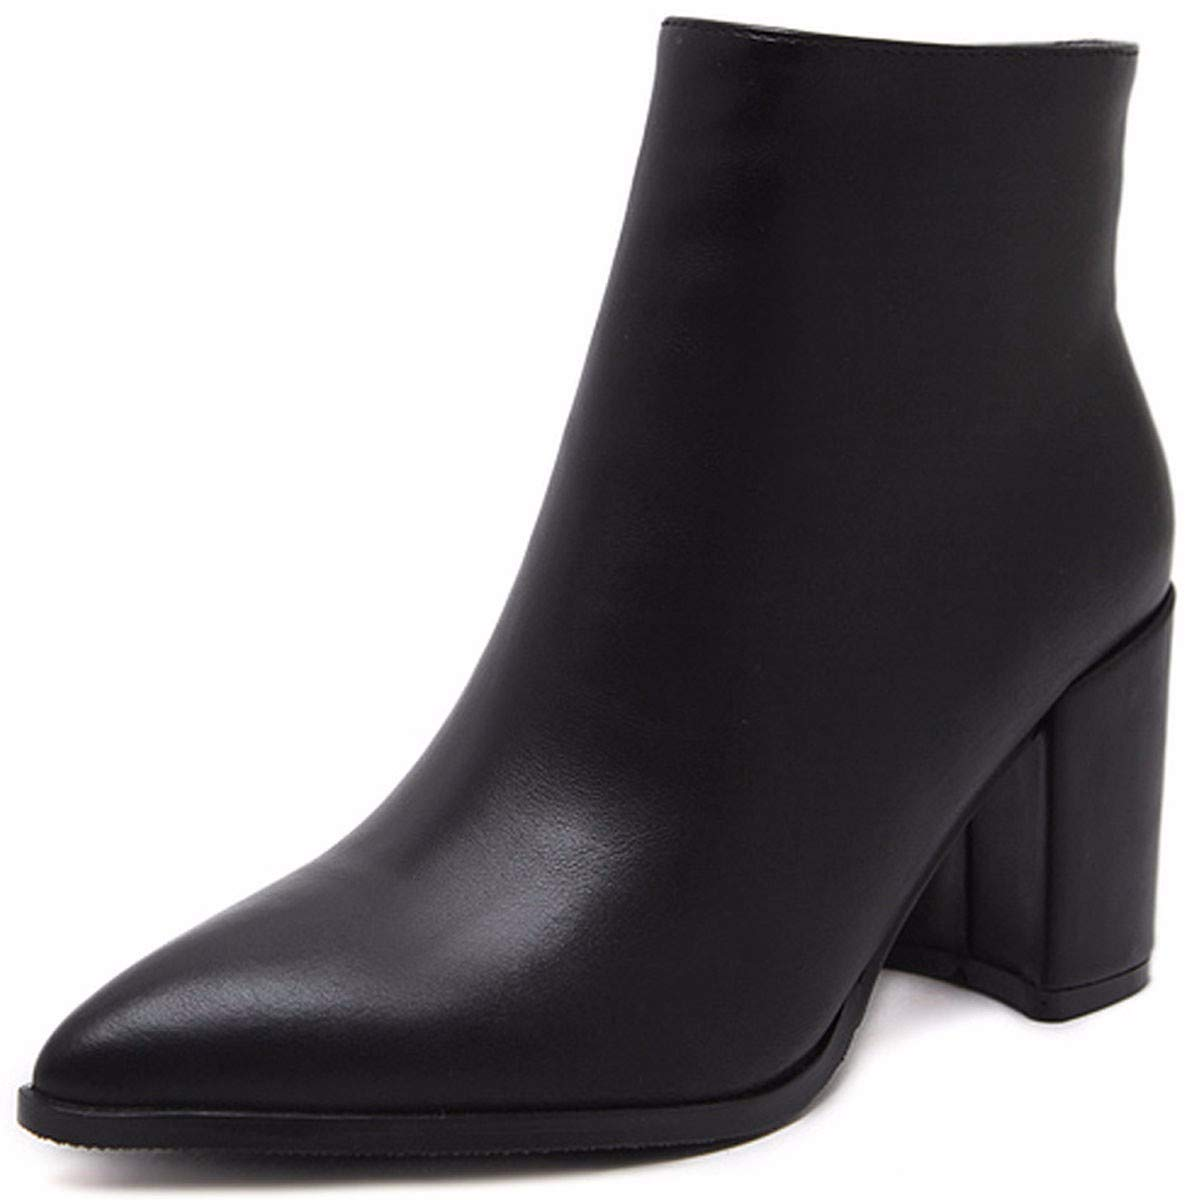 HBDLH Chaussures pour Femmes/A Côté des Talons Hauts l'hiver Les Bottes Épais Martin Nues Tube Court Velours Bottes Wild Boots.